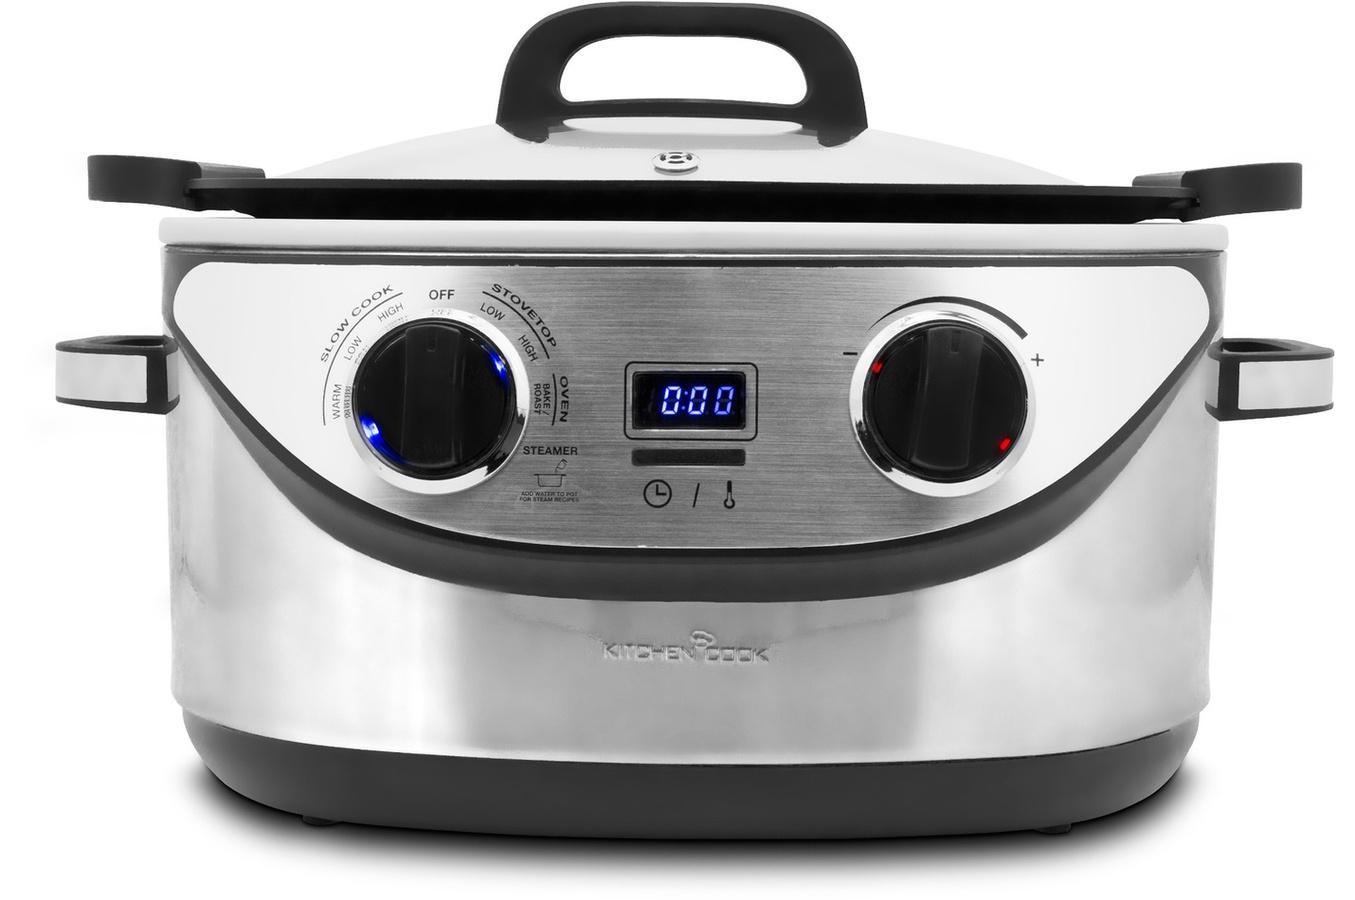 Multicuiseur 8 en 1 KitchenCook Cookotte en inox